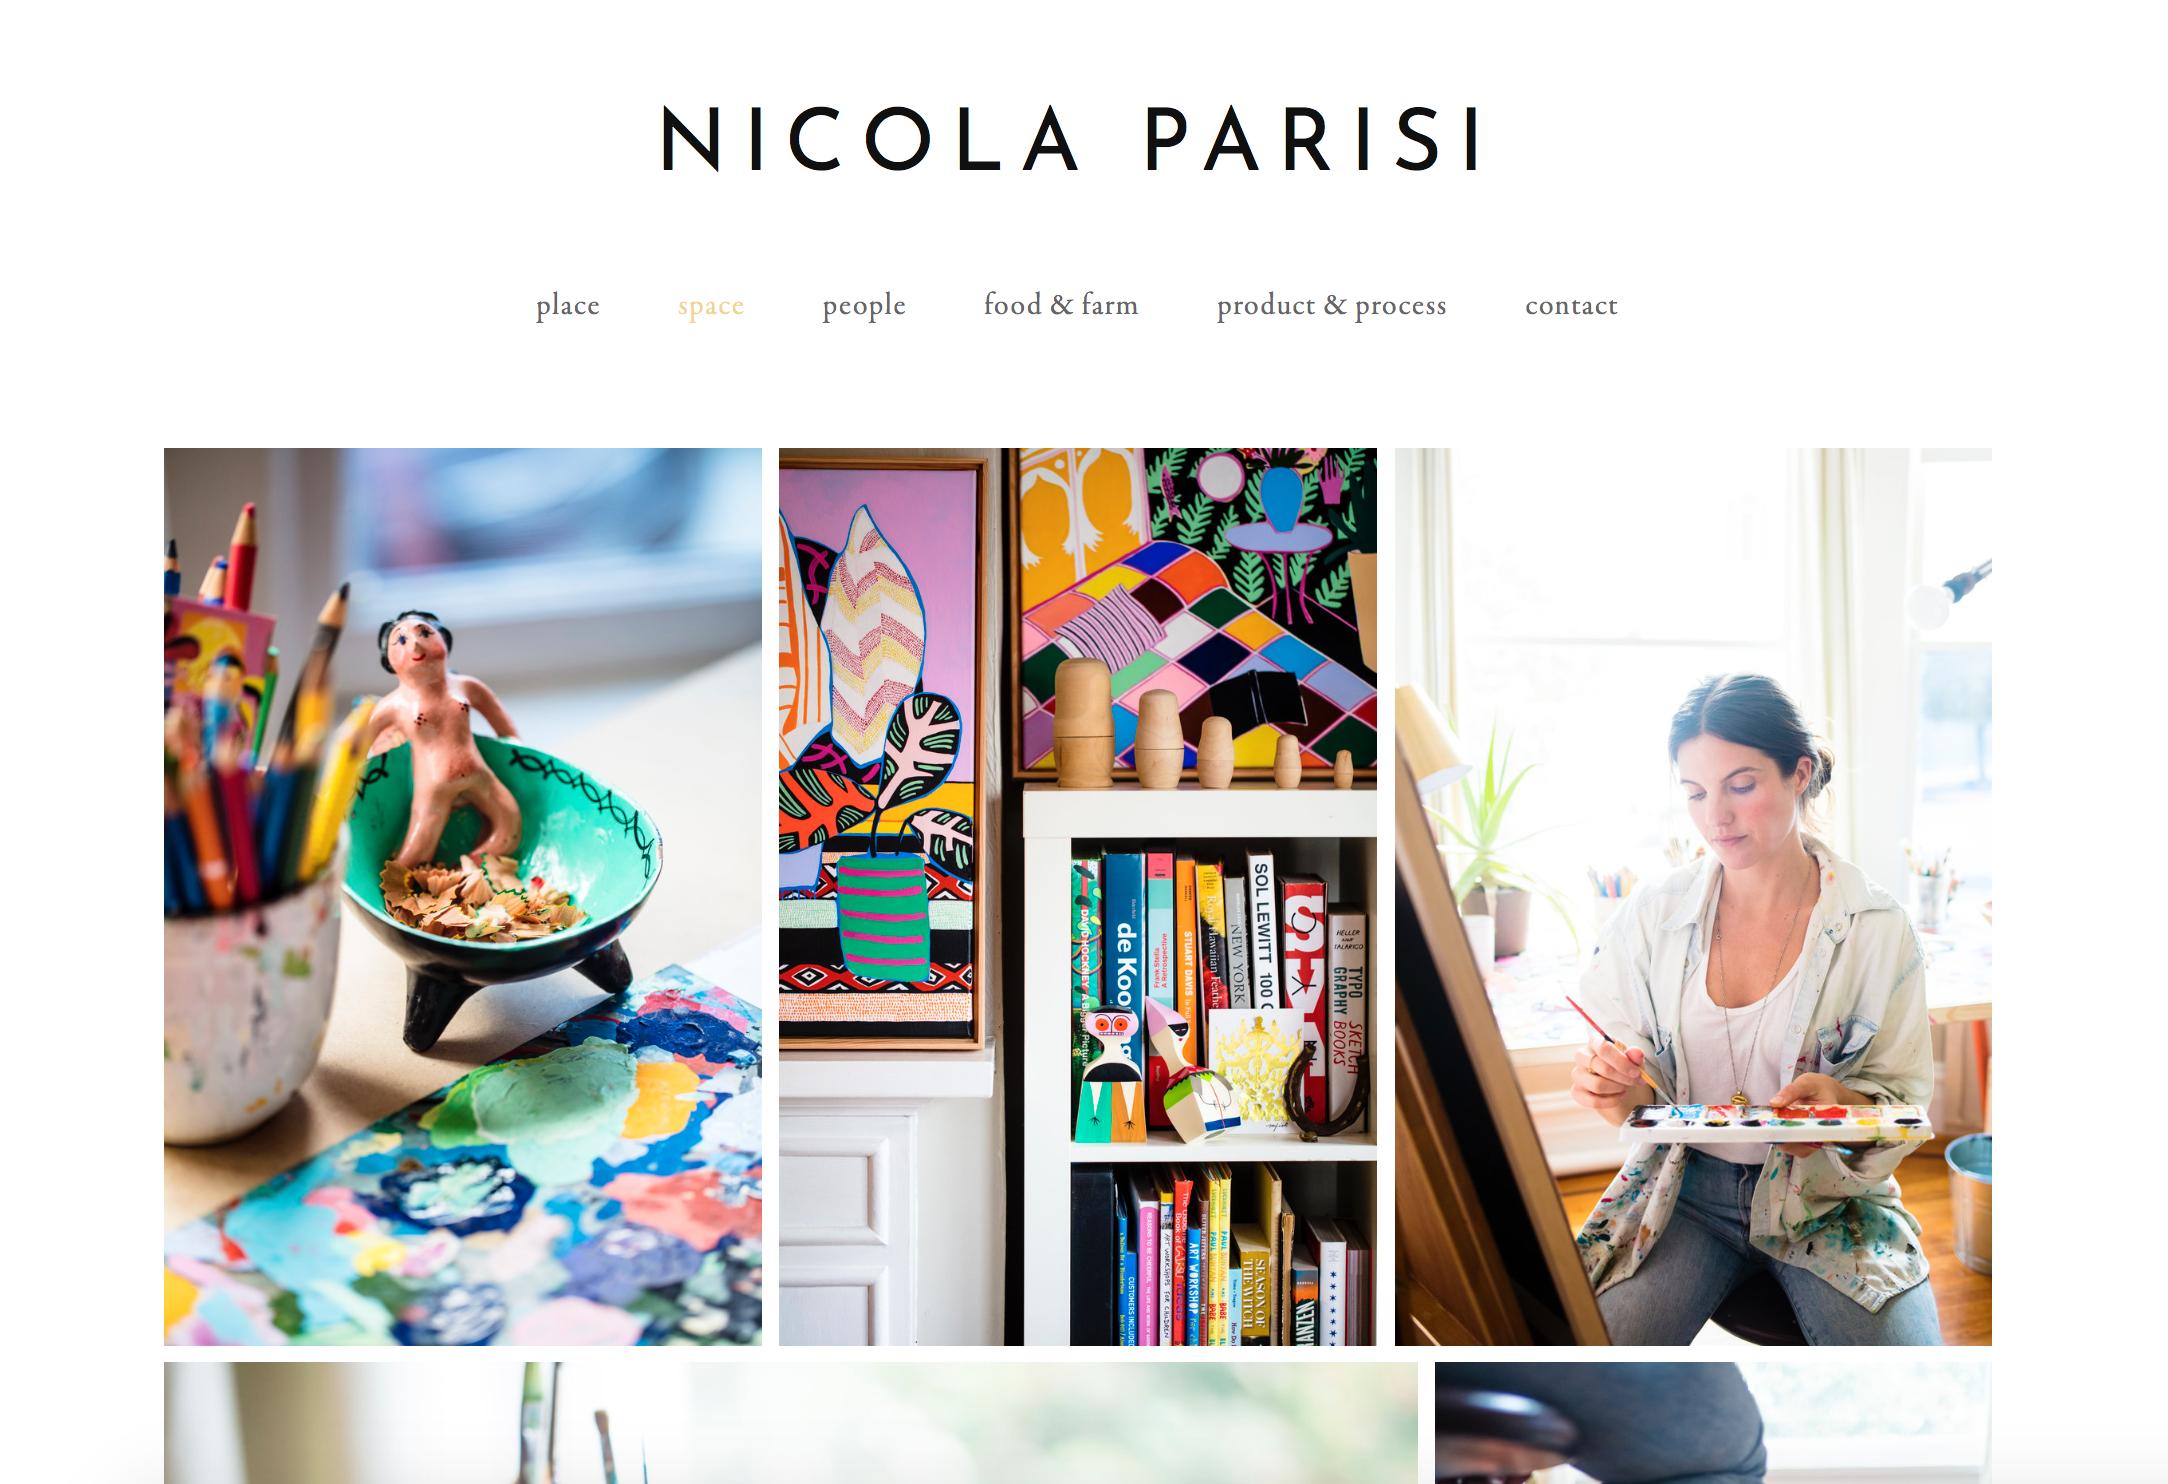 www.nicolaparisi.com/studio/